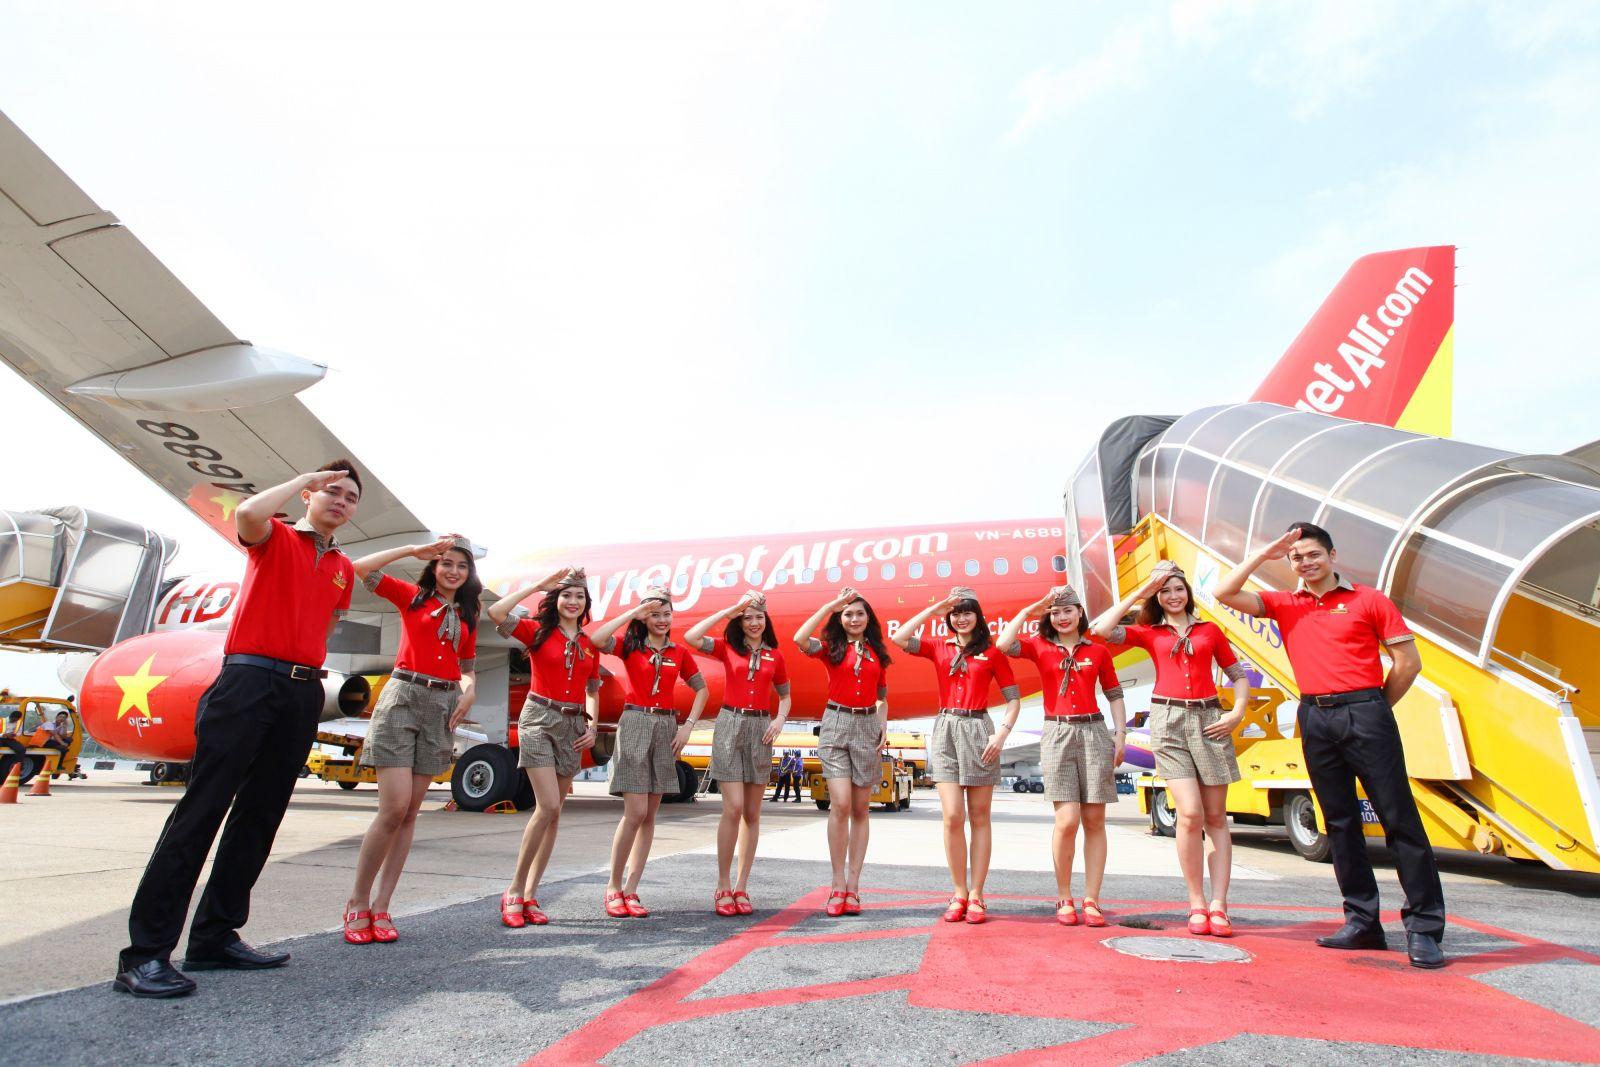 Các chặng đường bay đến Cần Thơ được ưa chuộng hiện nay